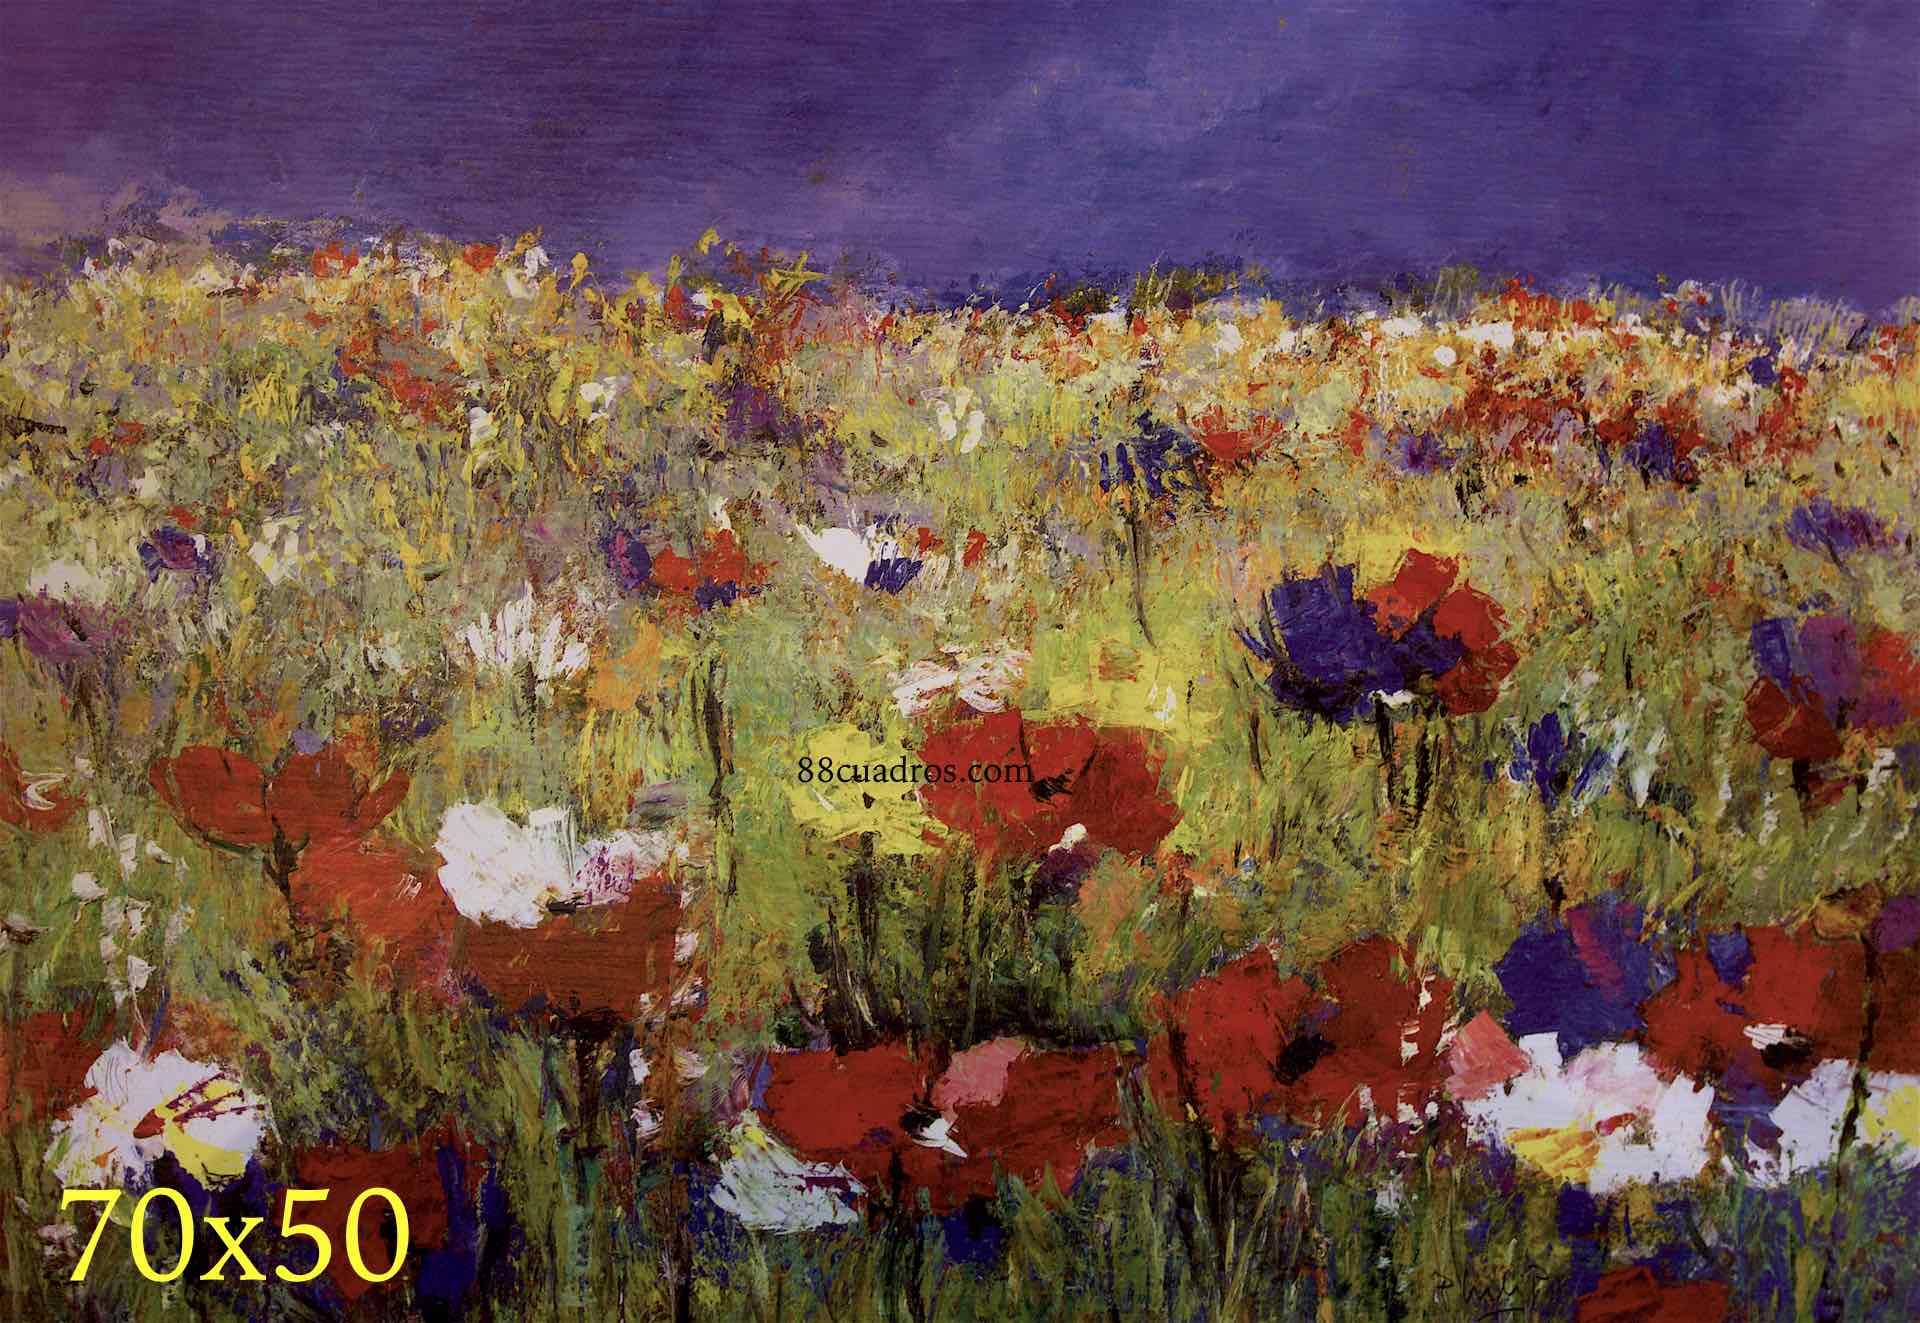 Campo abstracto 88 cuadros a 8 euros - Laminas para hacer cuadros ...